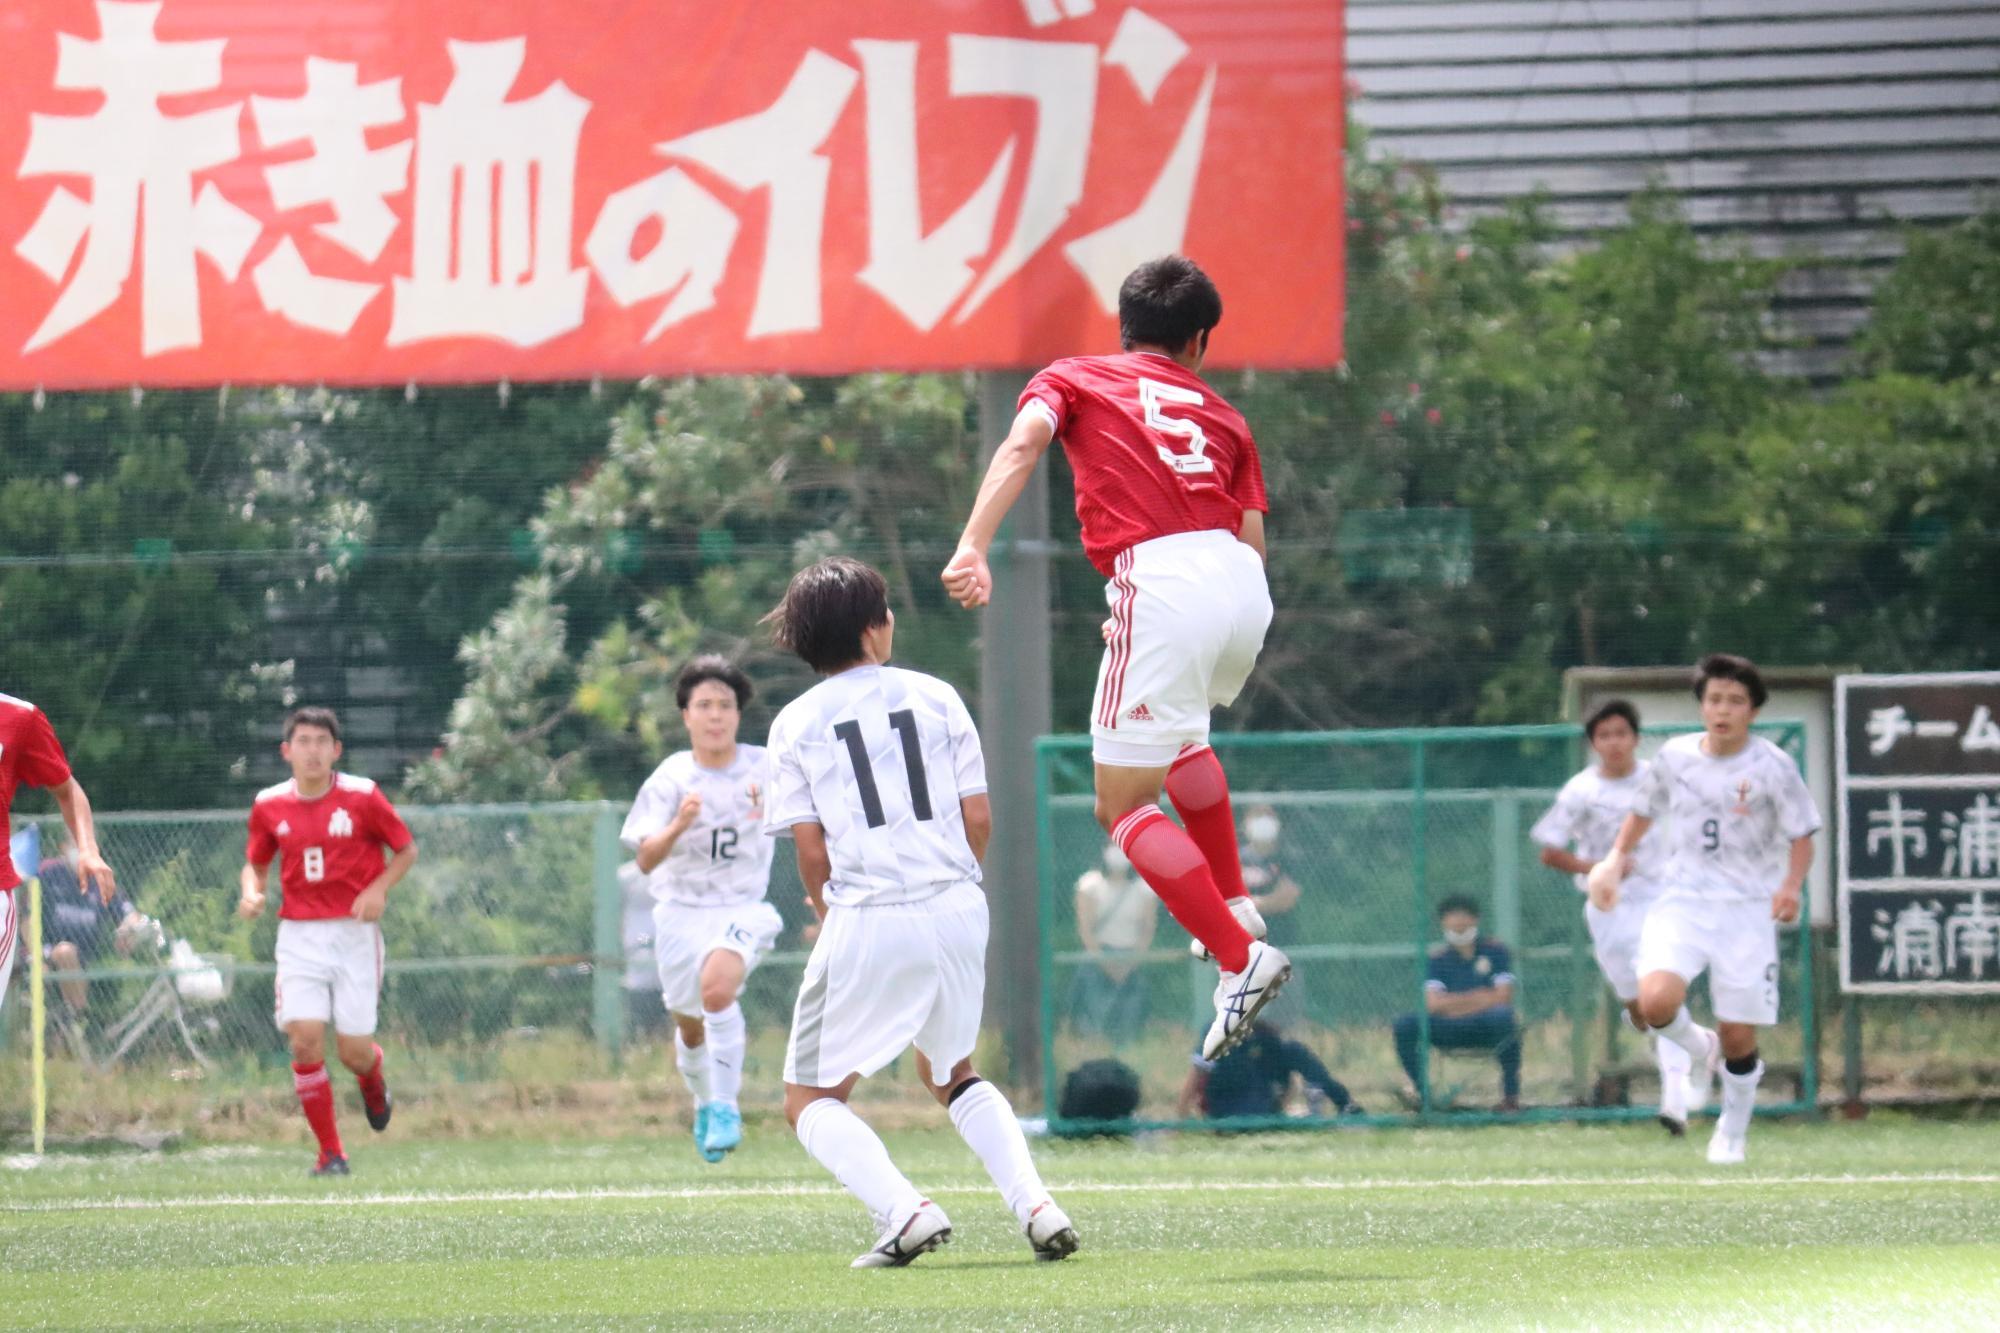 今年のインターハイ埼玉県予選では、浦和南対市立浦和の伝統の対決も(C)埼玉サッカー通信